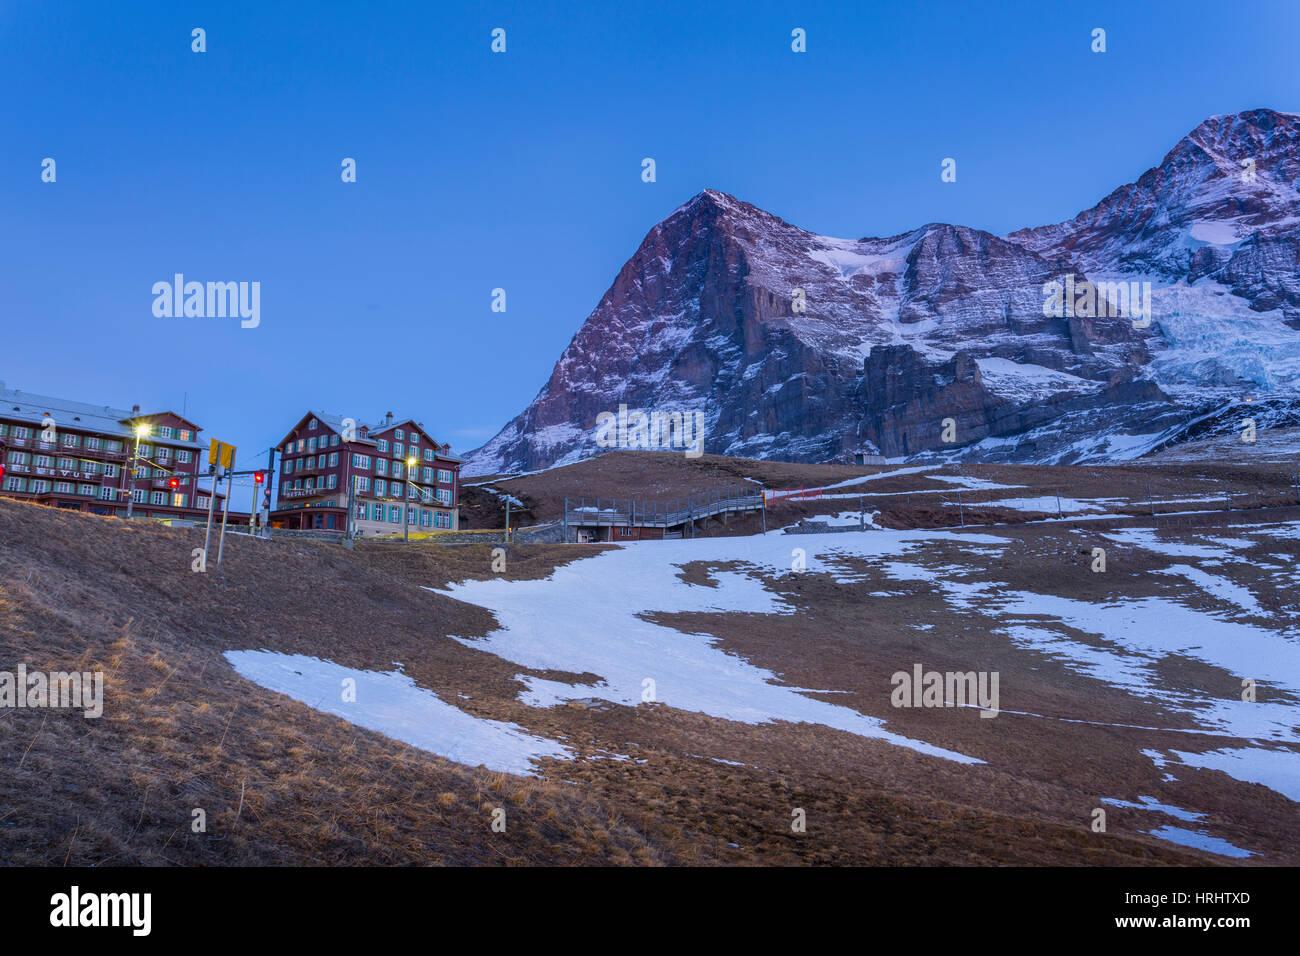 Kleine Scheidegg, Jungfrau region, Bernese Oberland, Swiss Alps, Switzerland - Stock Image